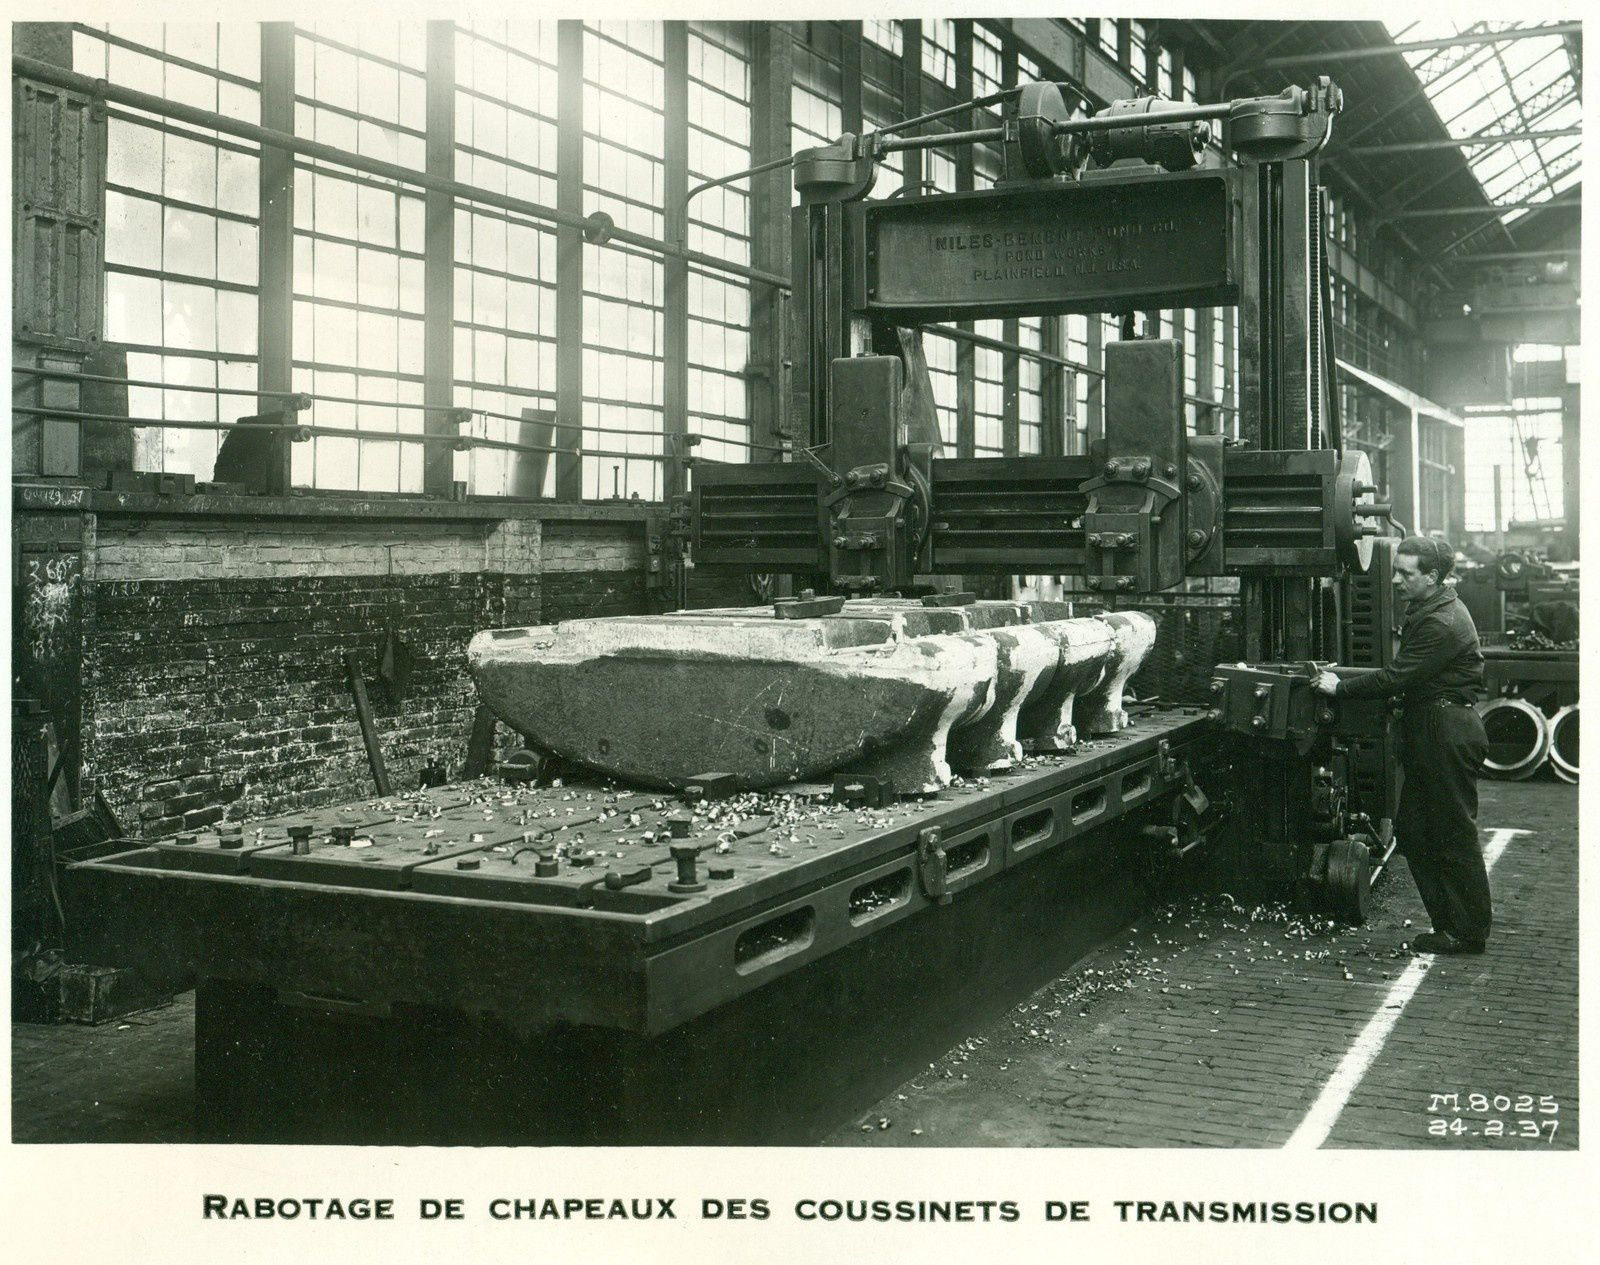 Compagnie de Fives Lille Fabrication de moulins à cannes en 1936